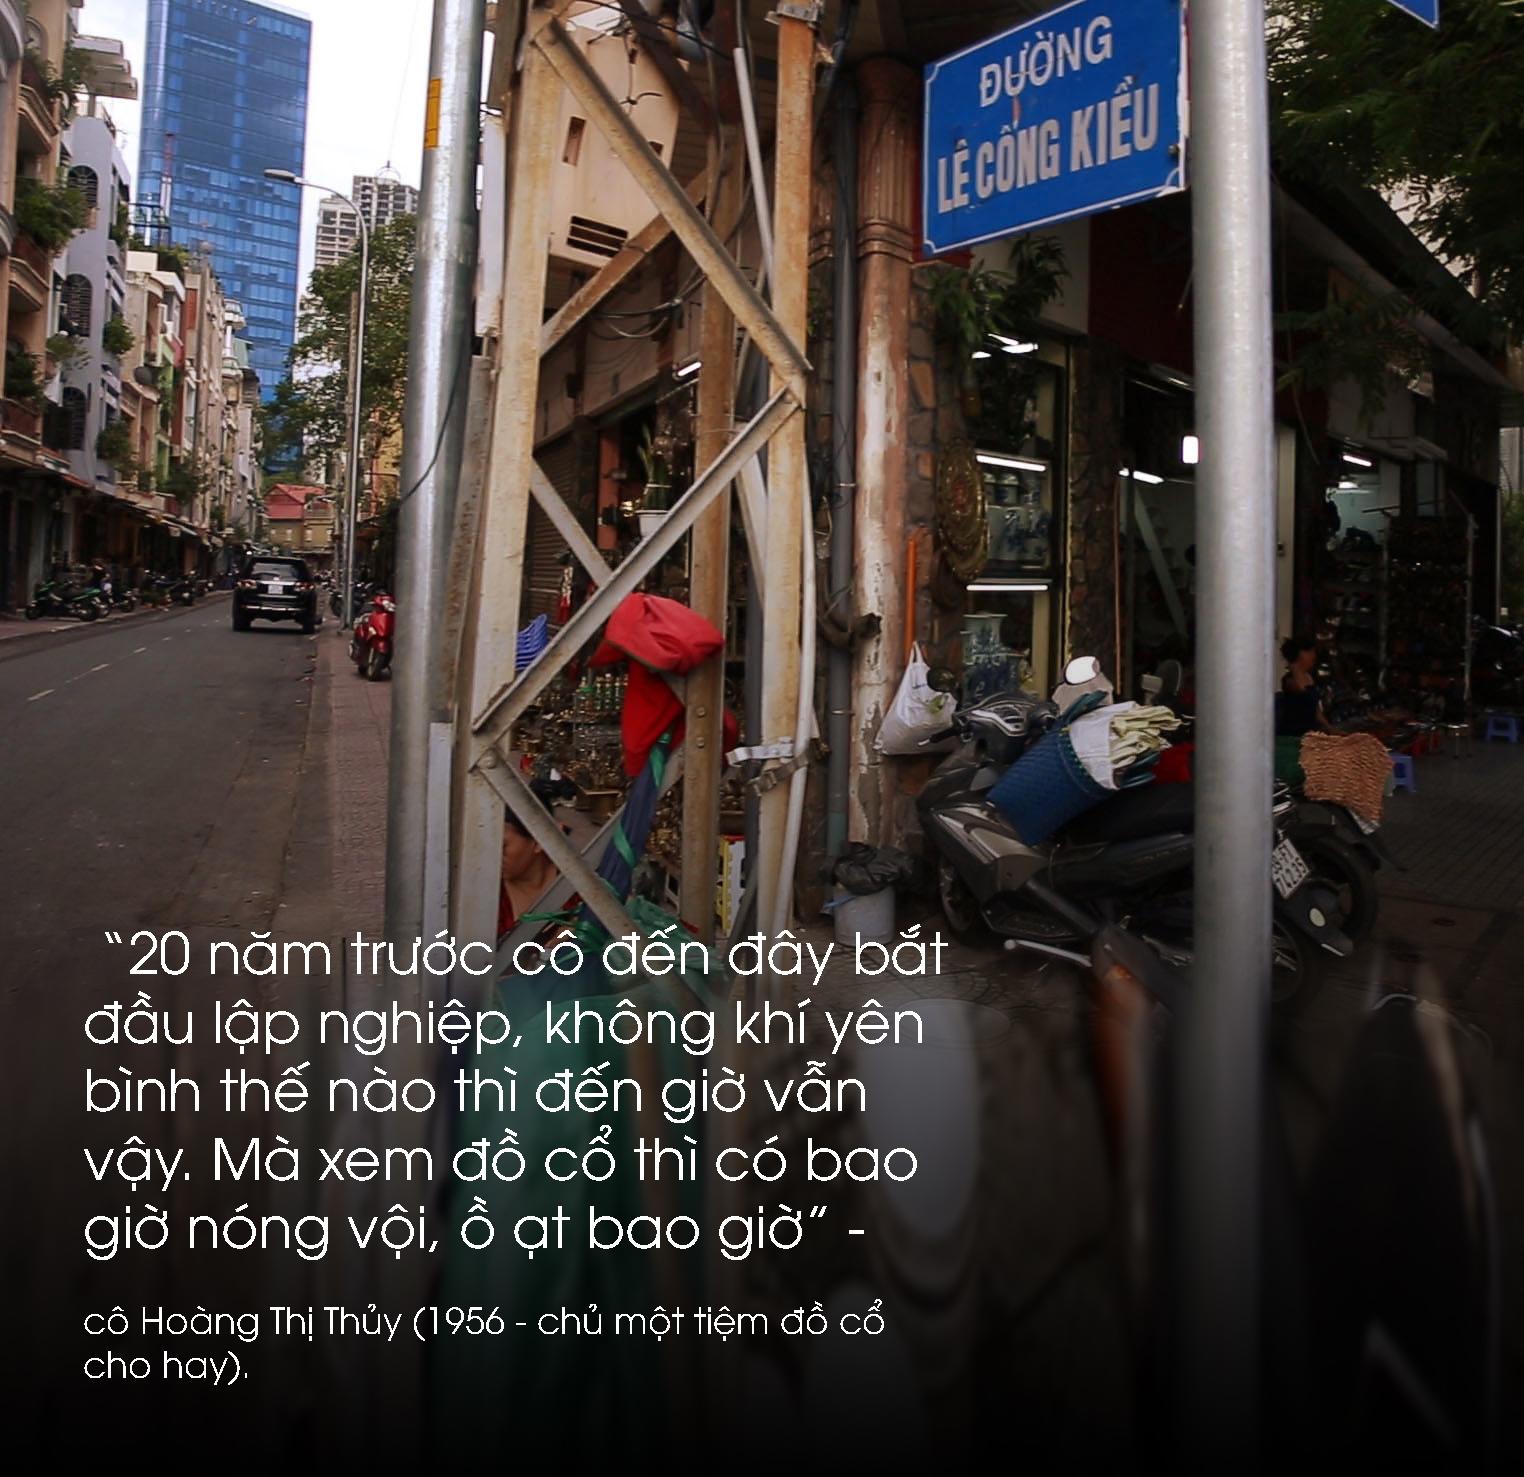 Phố 'triệu đô' giữa lòng Sài Gòn - nơi lưu giữ cổ vật của một thời vàng son